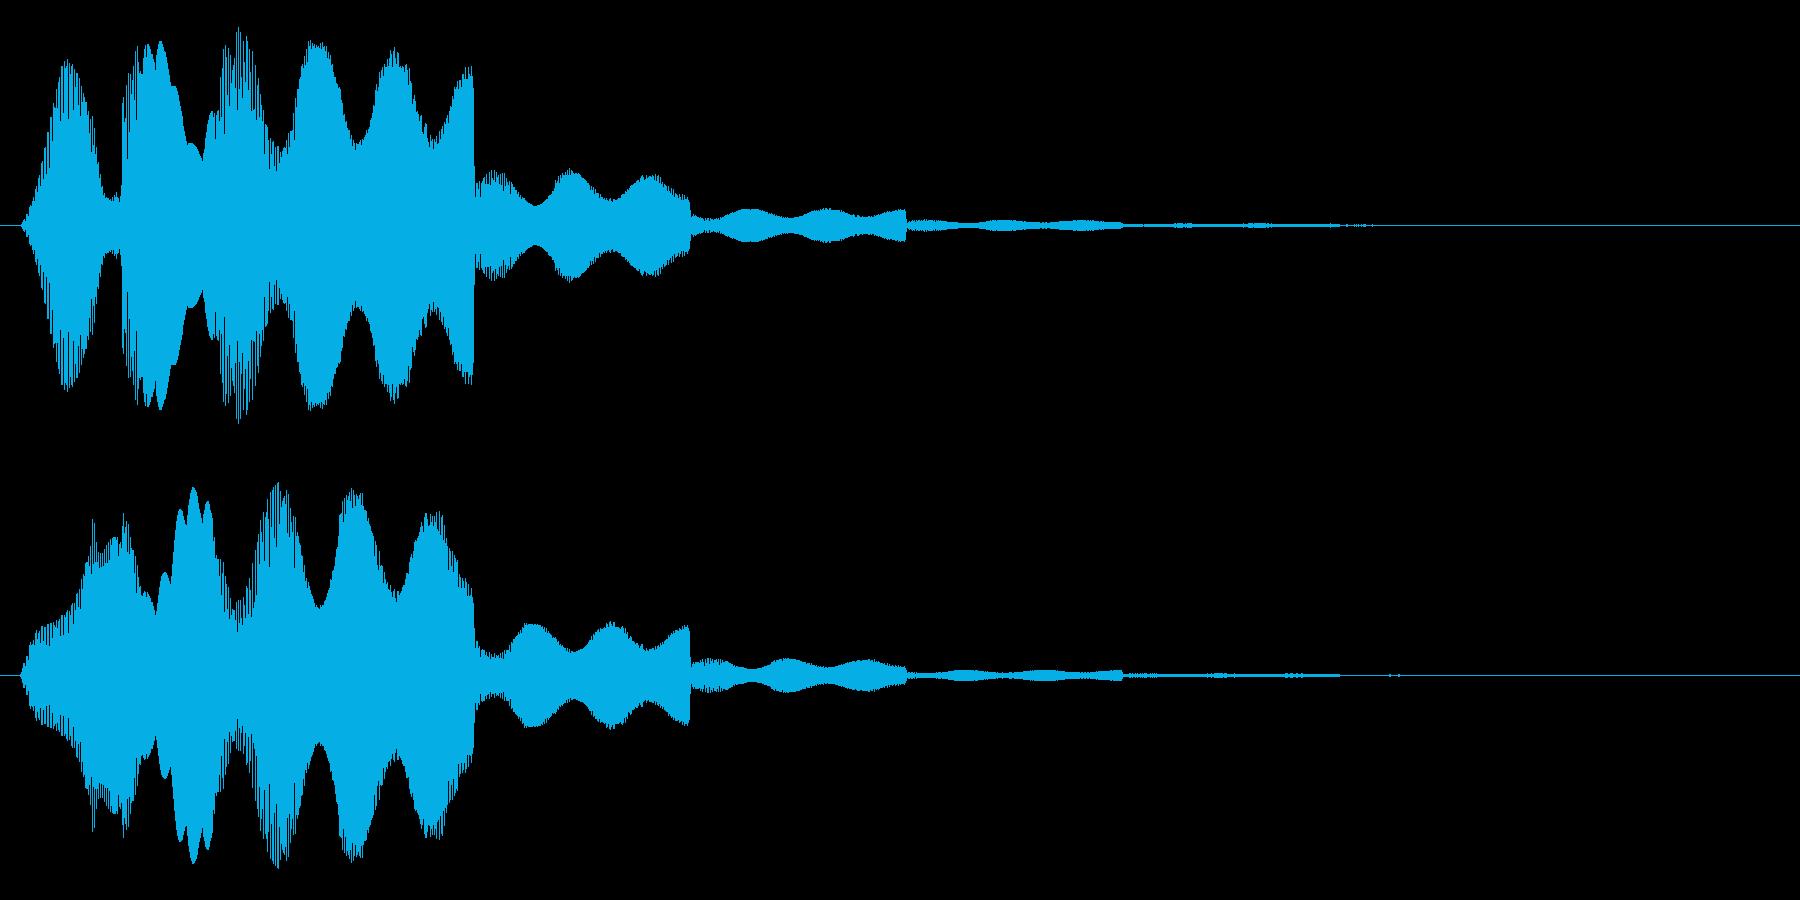 ポワピラピラ・・の再生済みの波形